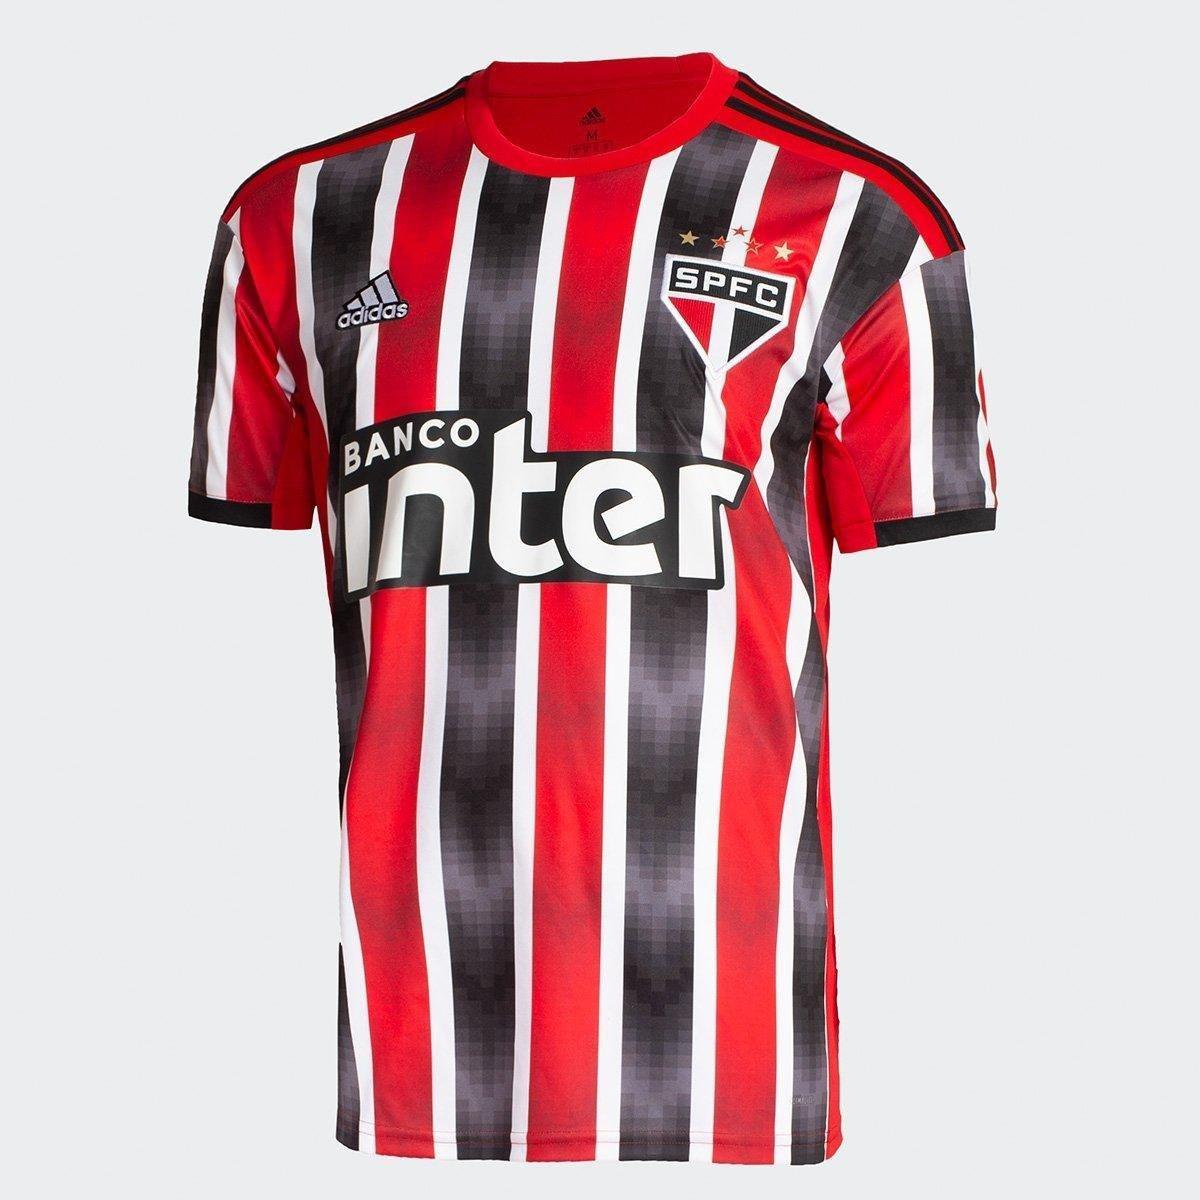 3f3af97471 Camisa São Paulo II 19/20 s/nº Torcedor Adidas Masculina - Vermelho e Branco  | São Paulo Mania